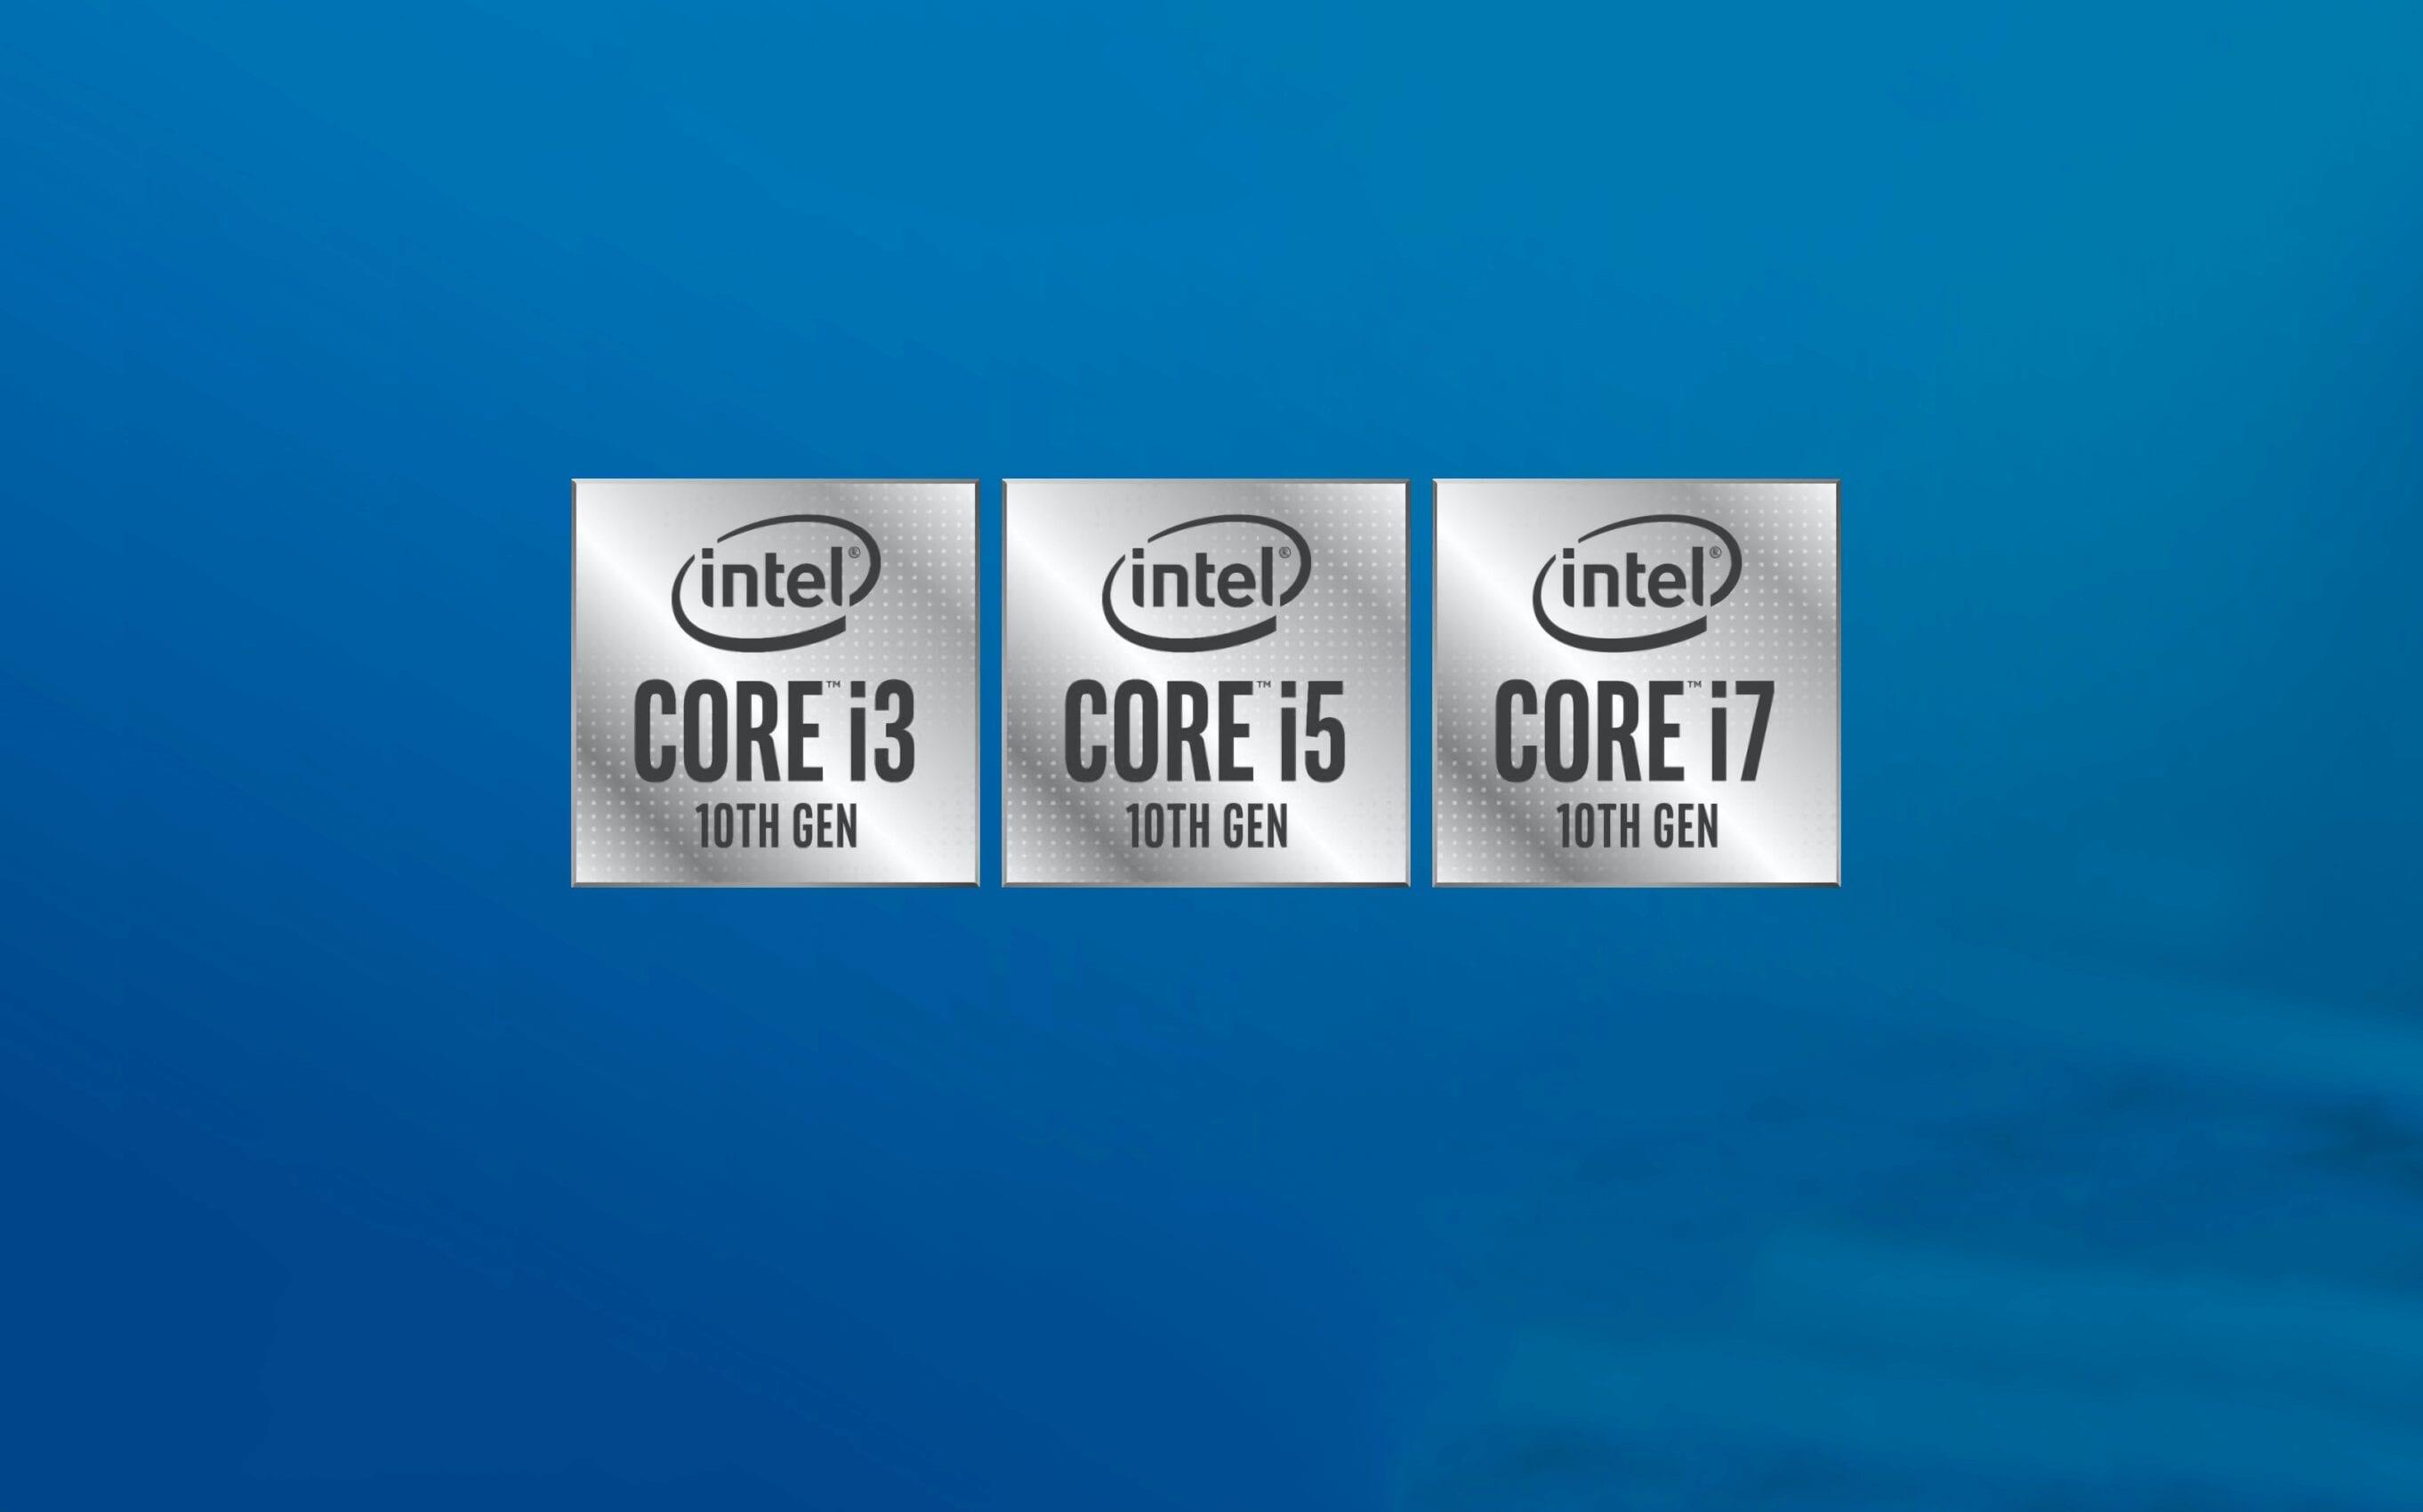 Дискретная видеокарта Intel DG1 будет оснащена 96 исполнительными блоками